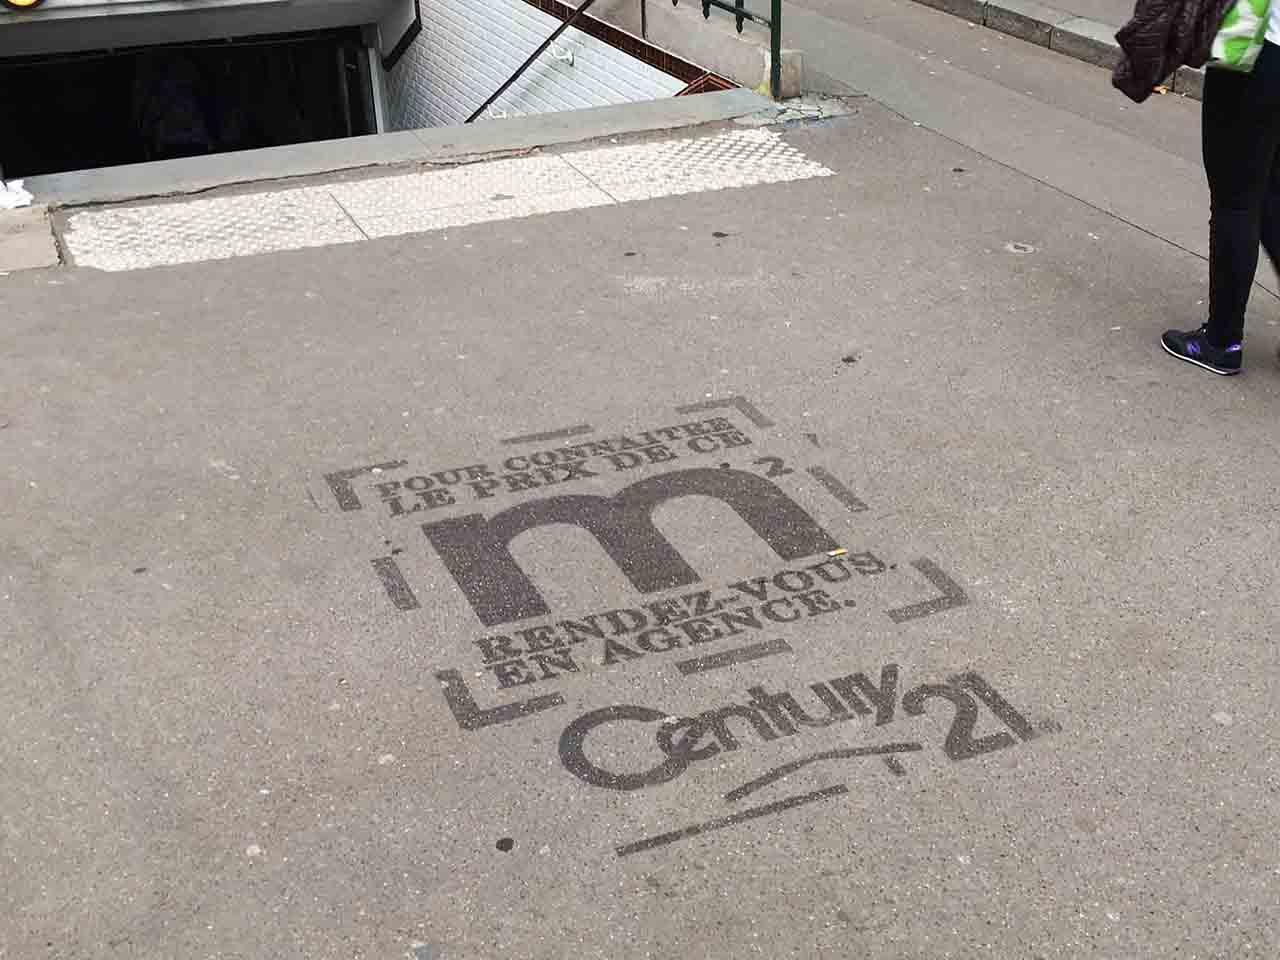 Publicités éphémères sur les trottoirs